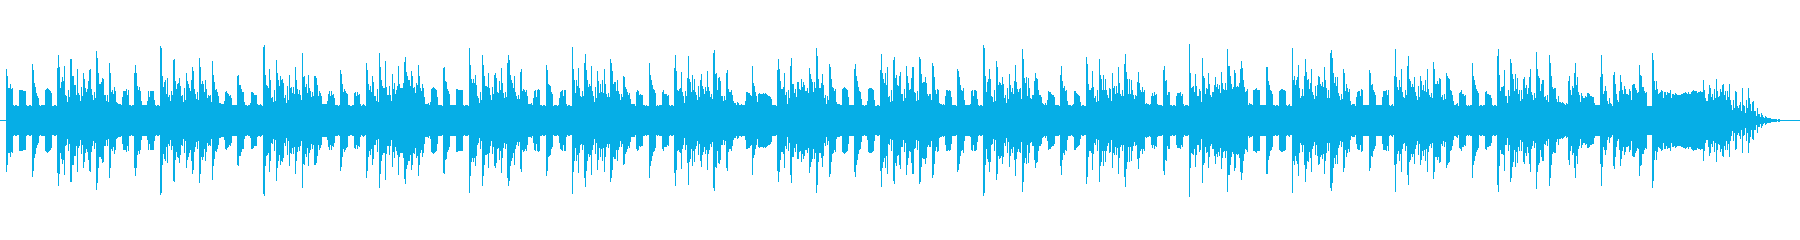 ファミコン風の短めなジングル&BGMの再生済みの波形